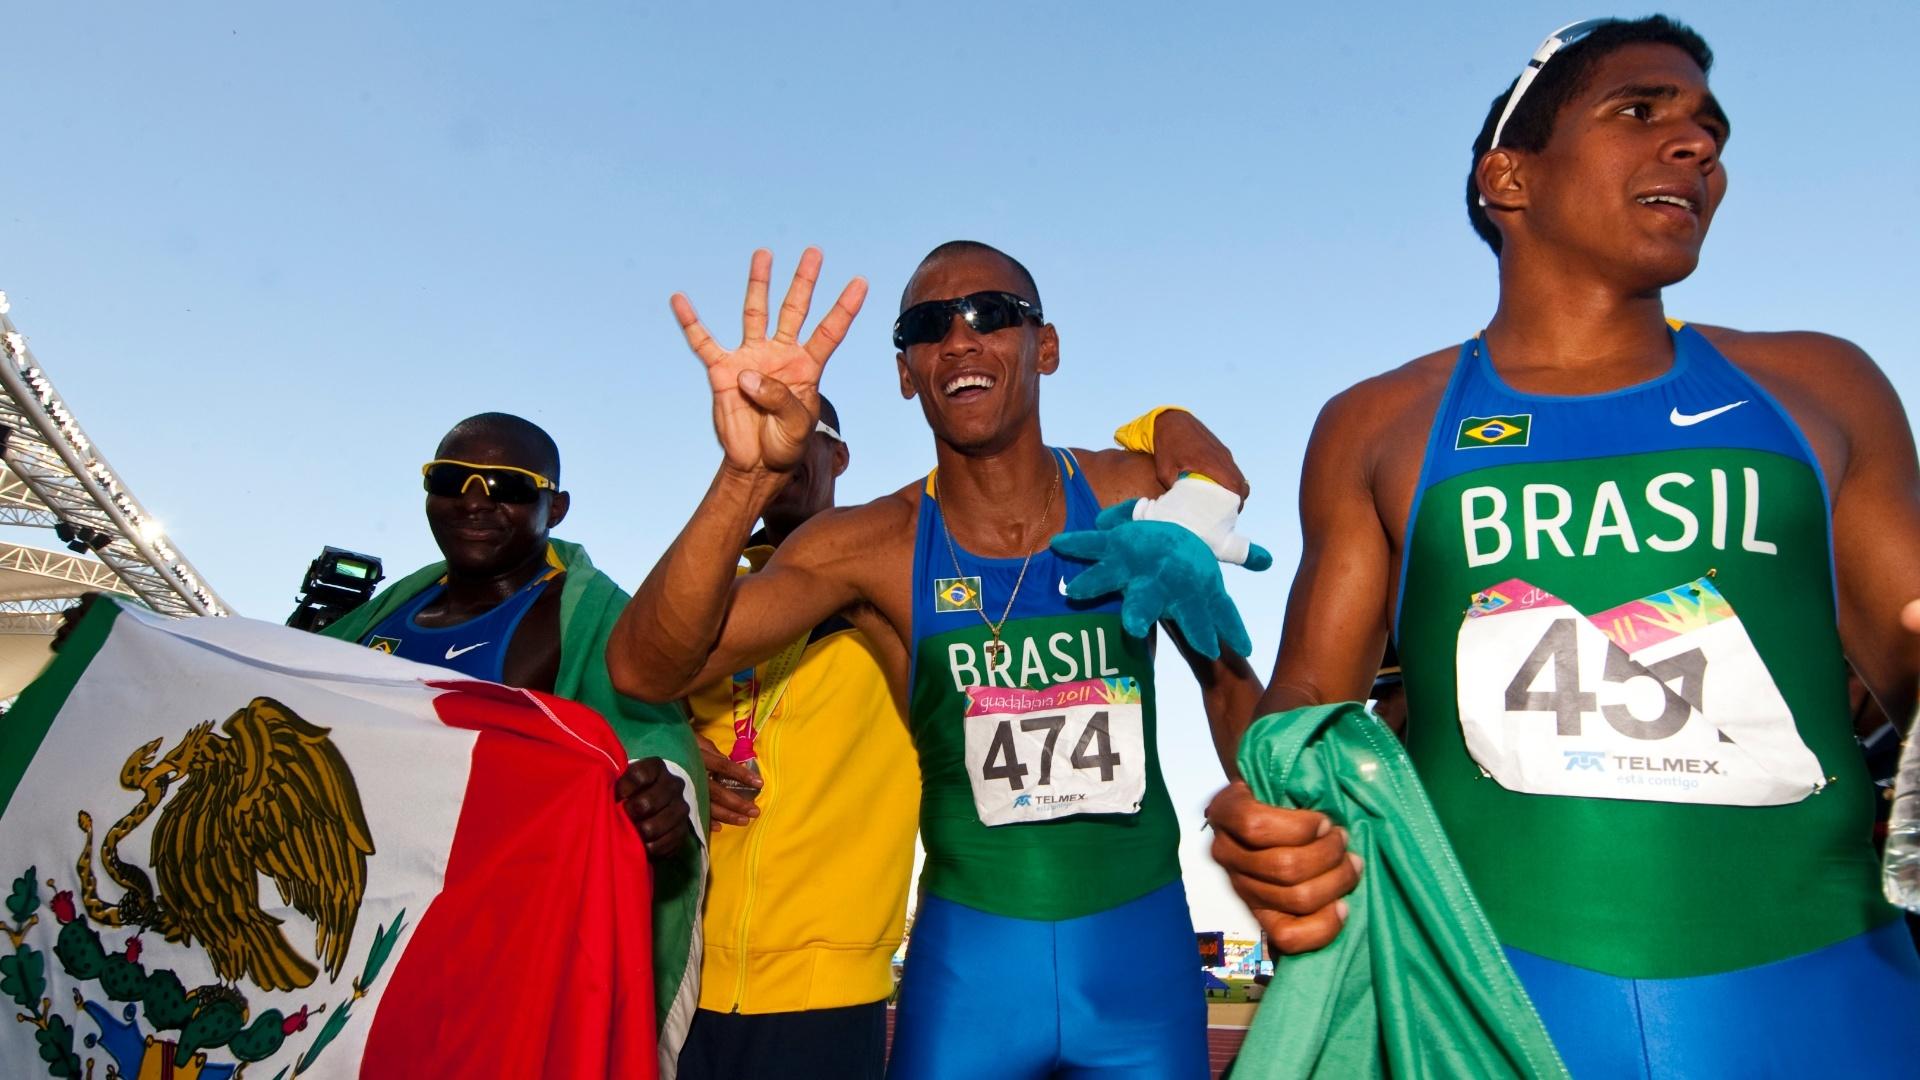 Brasileiros vibram com o ouro conquistado no revezamento 4x100 m (28/10/2011)